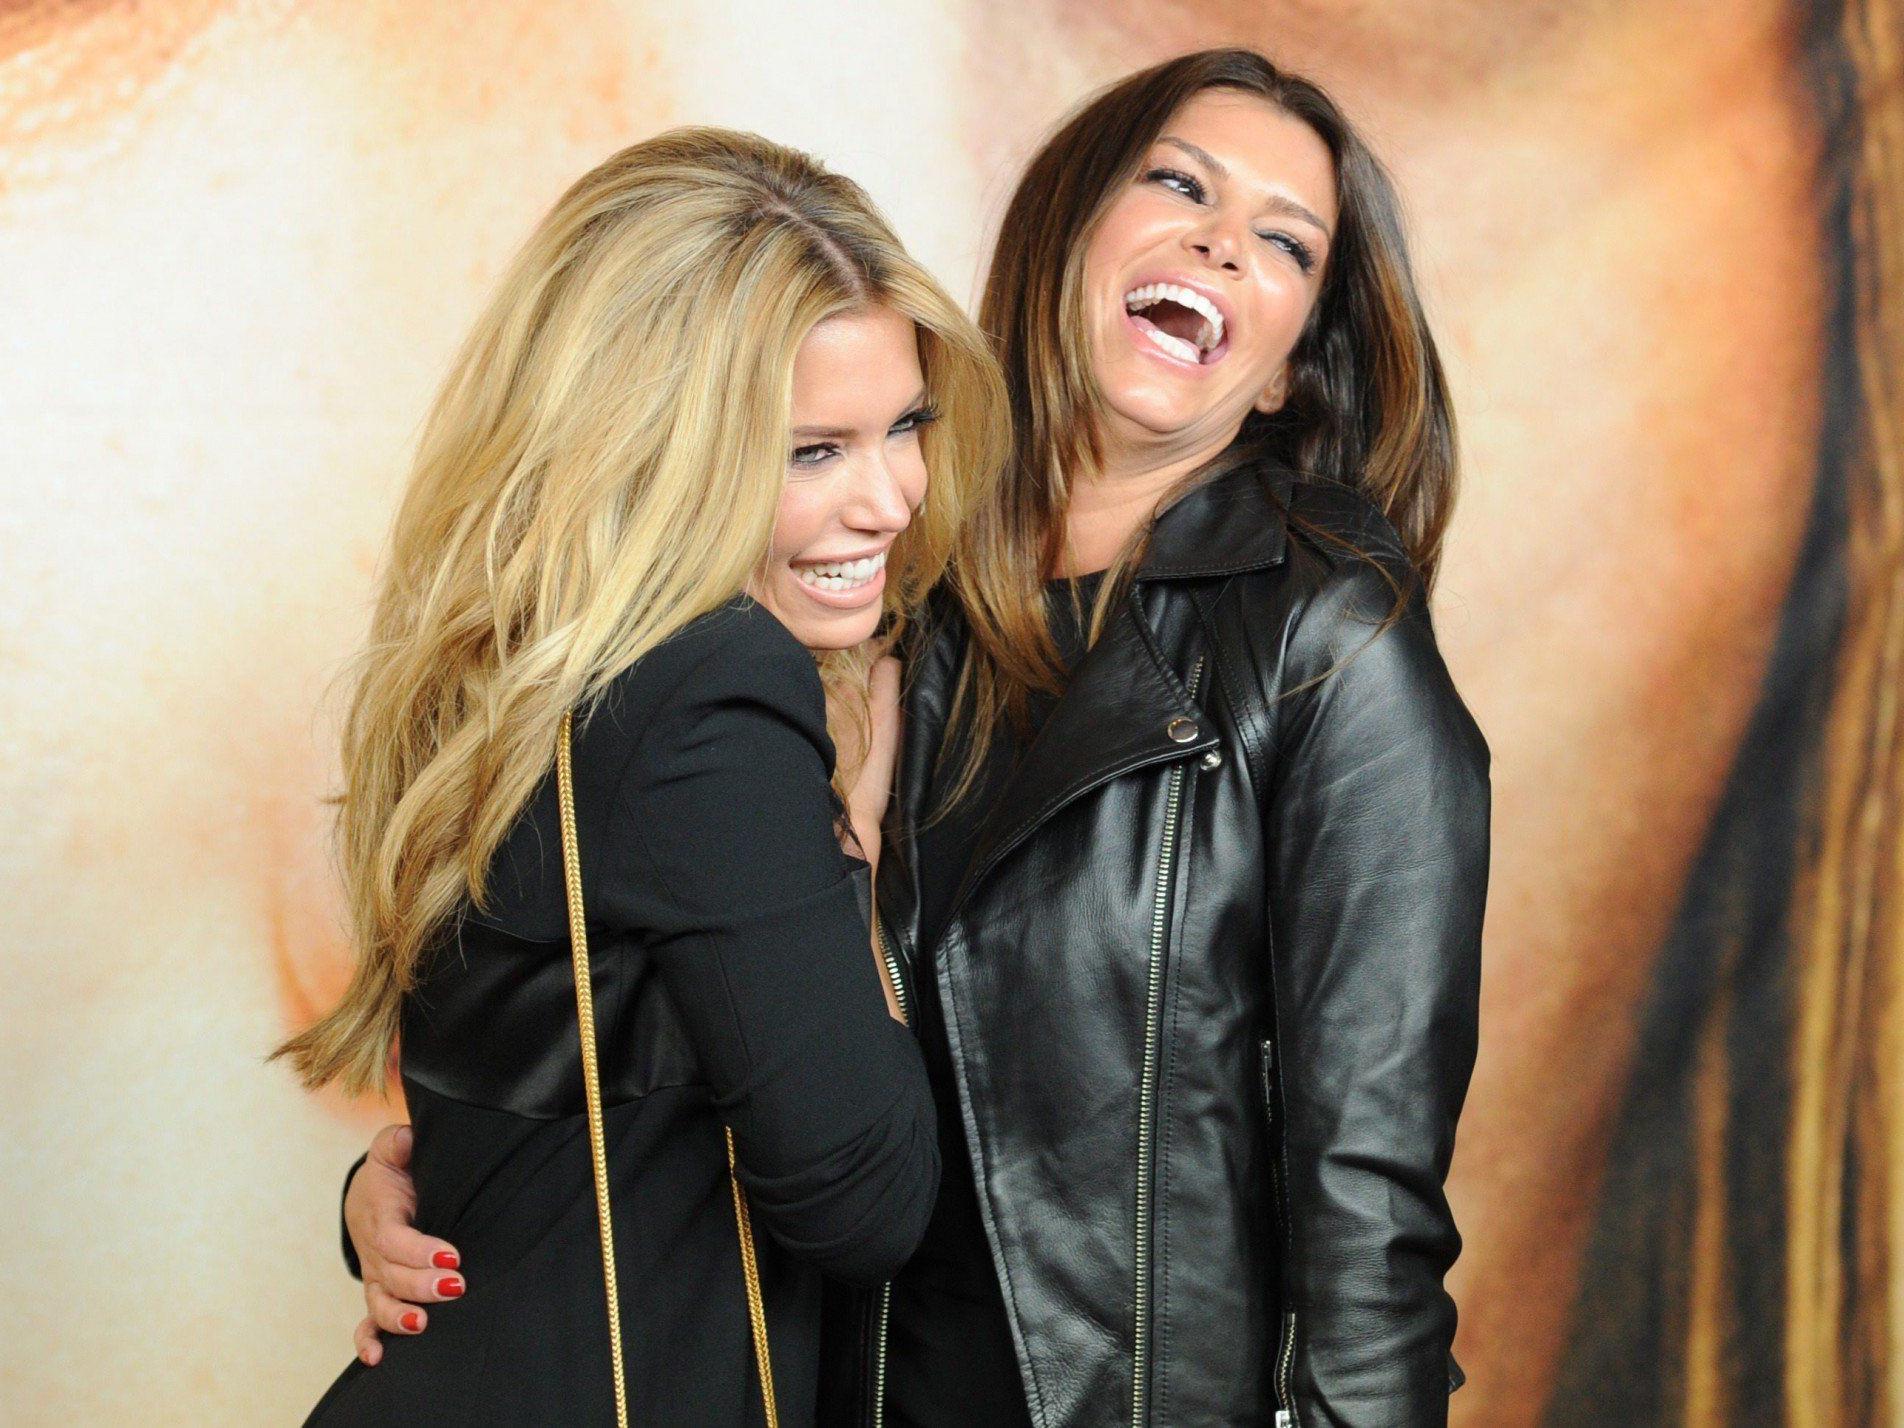 Obe Sylvie van der Vaart und Sabia Boulahrouz gemeinsam immer noch so viel zu Lachen haben?